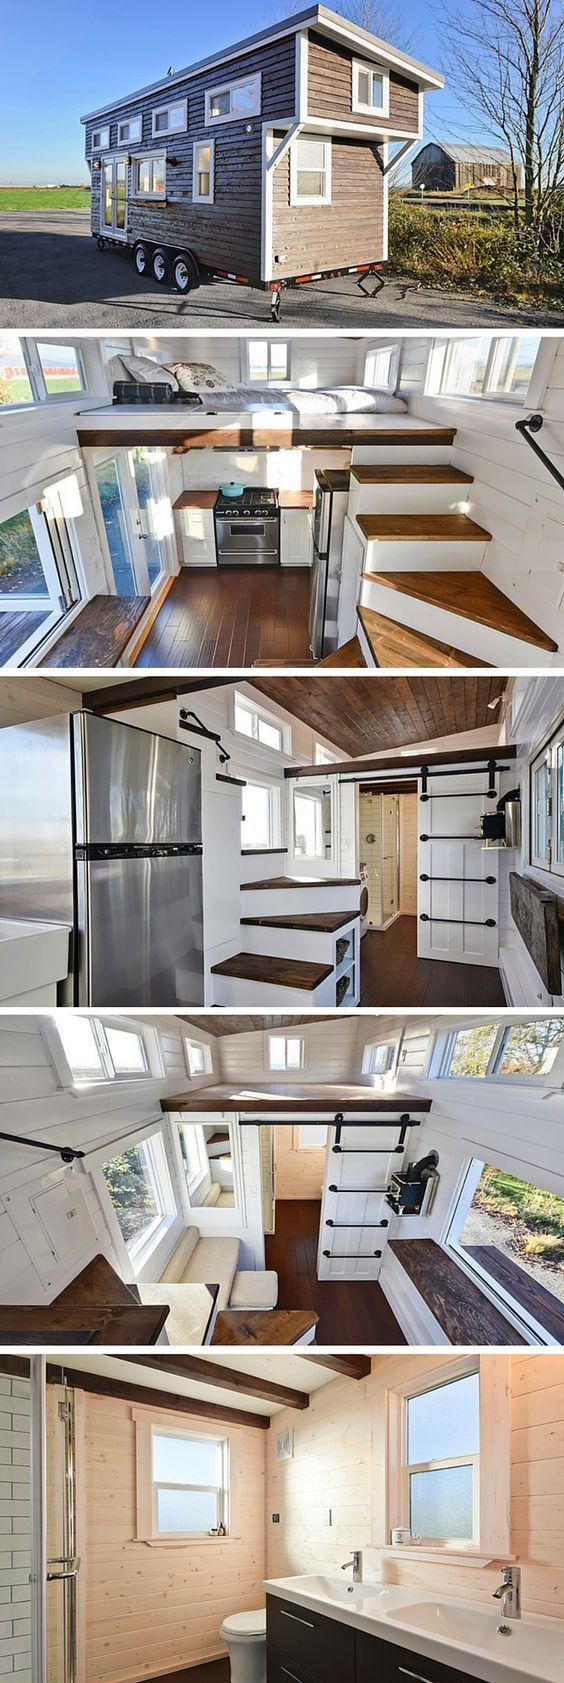 A custom tiny house by the Mint Tiny House Company: